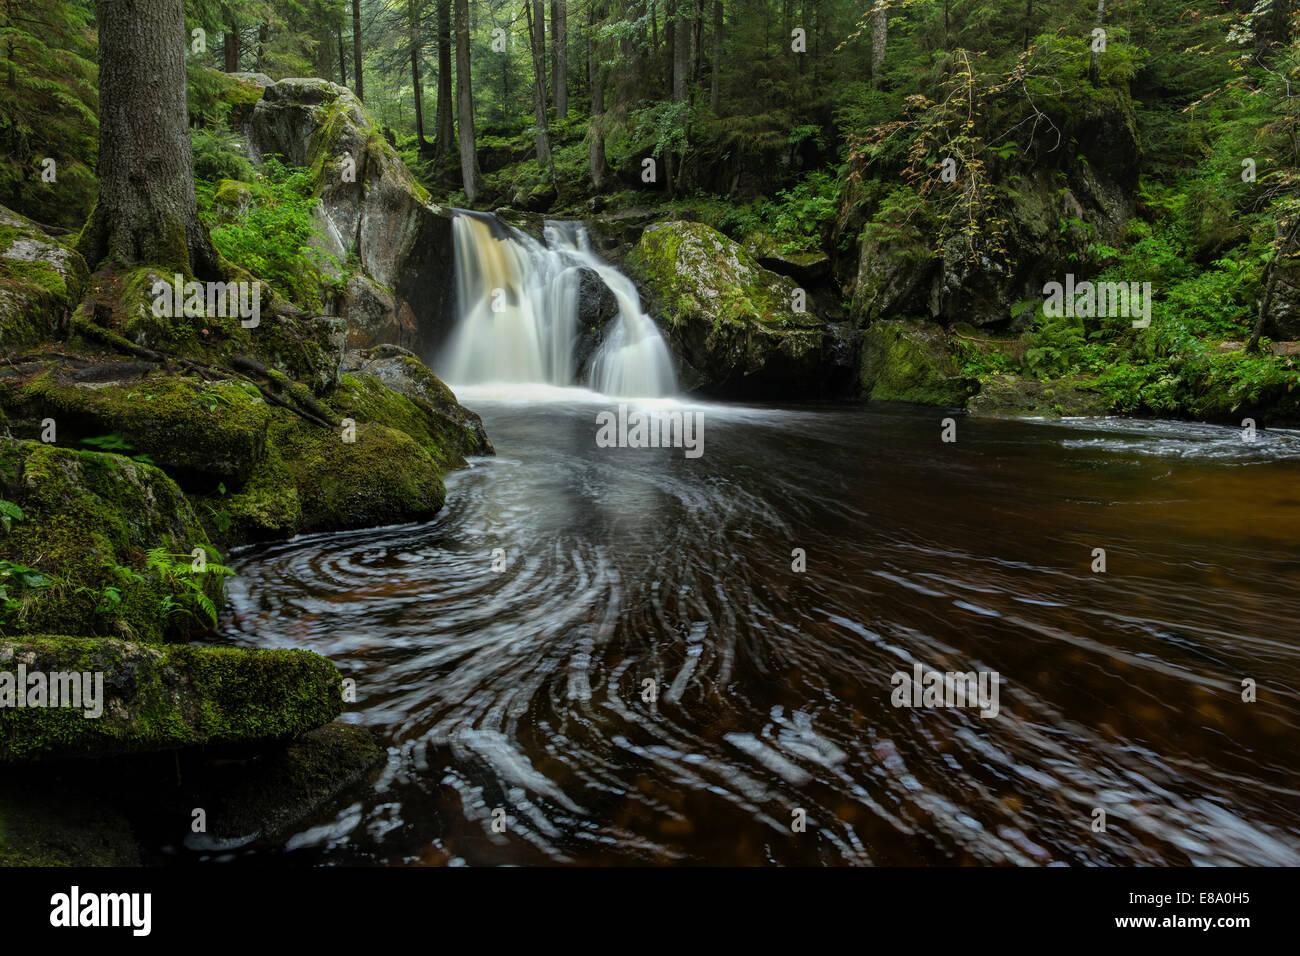 Krai-Woog Gumpen waterfall in Hotzenwald forest near Görwihl, Southern Black Forest, Baden-Württemberg, Germany Stock Photo